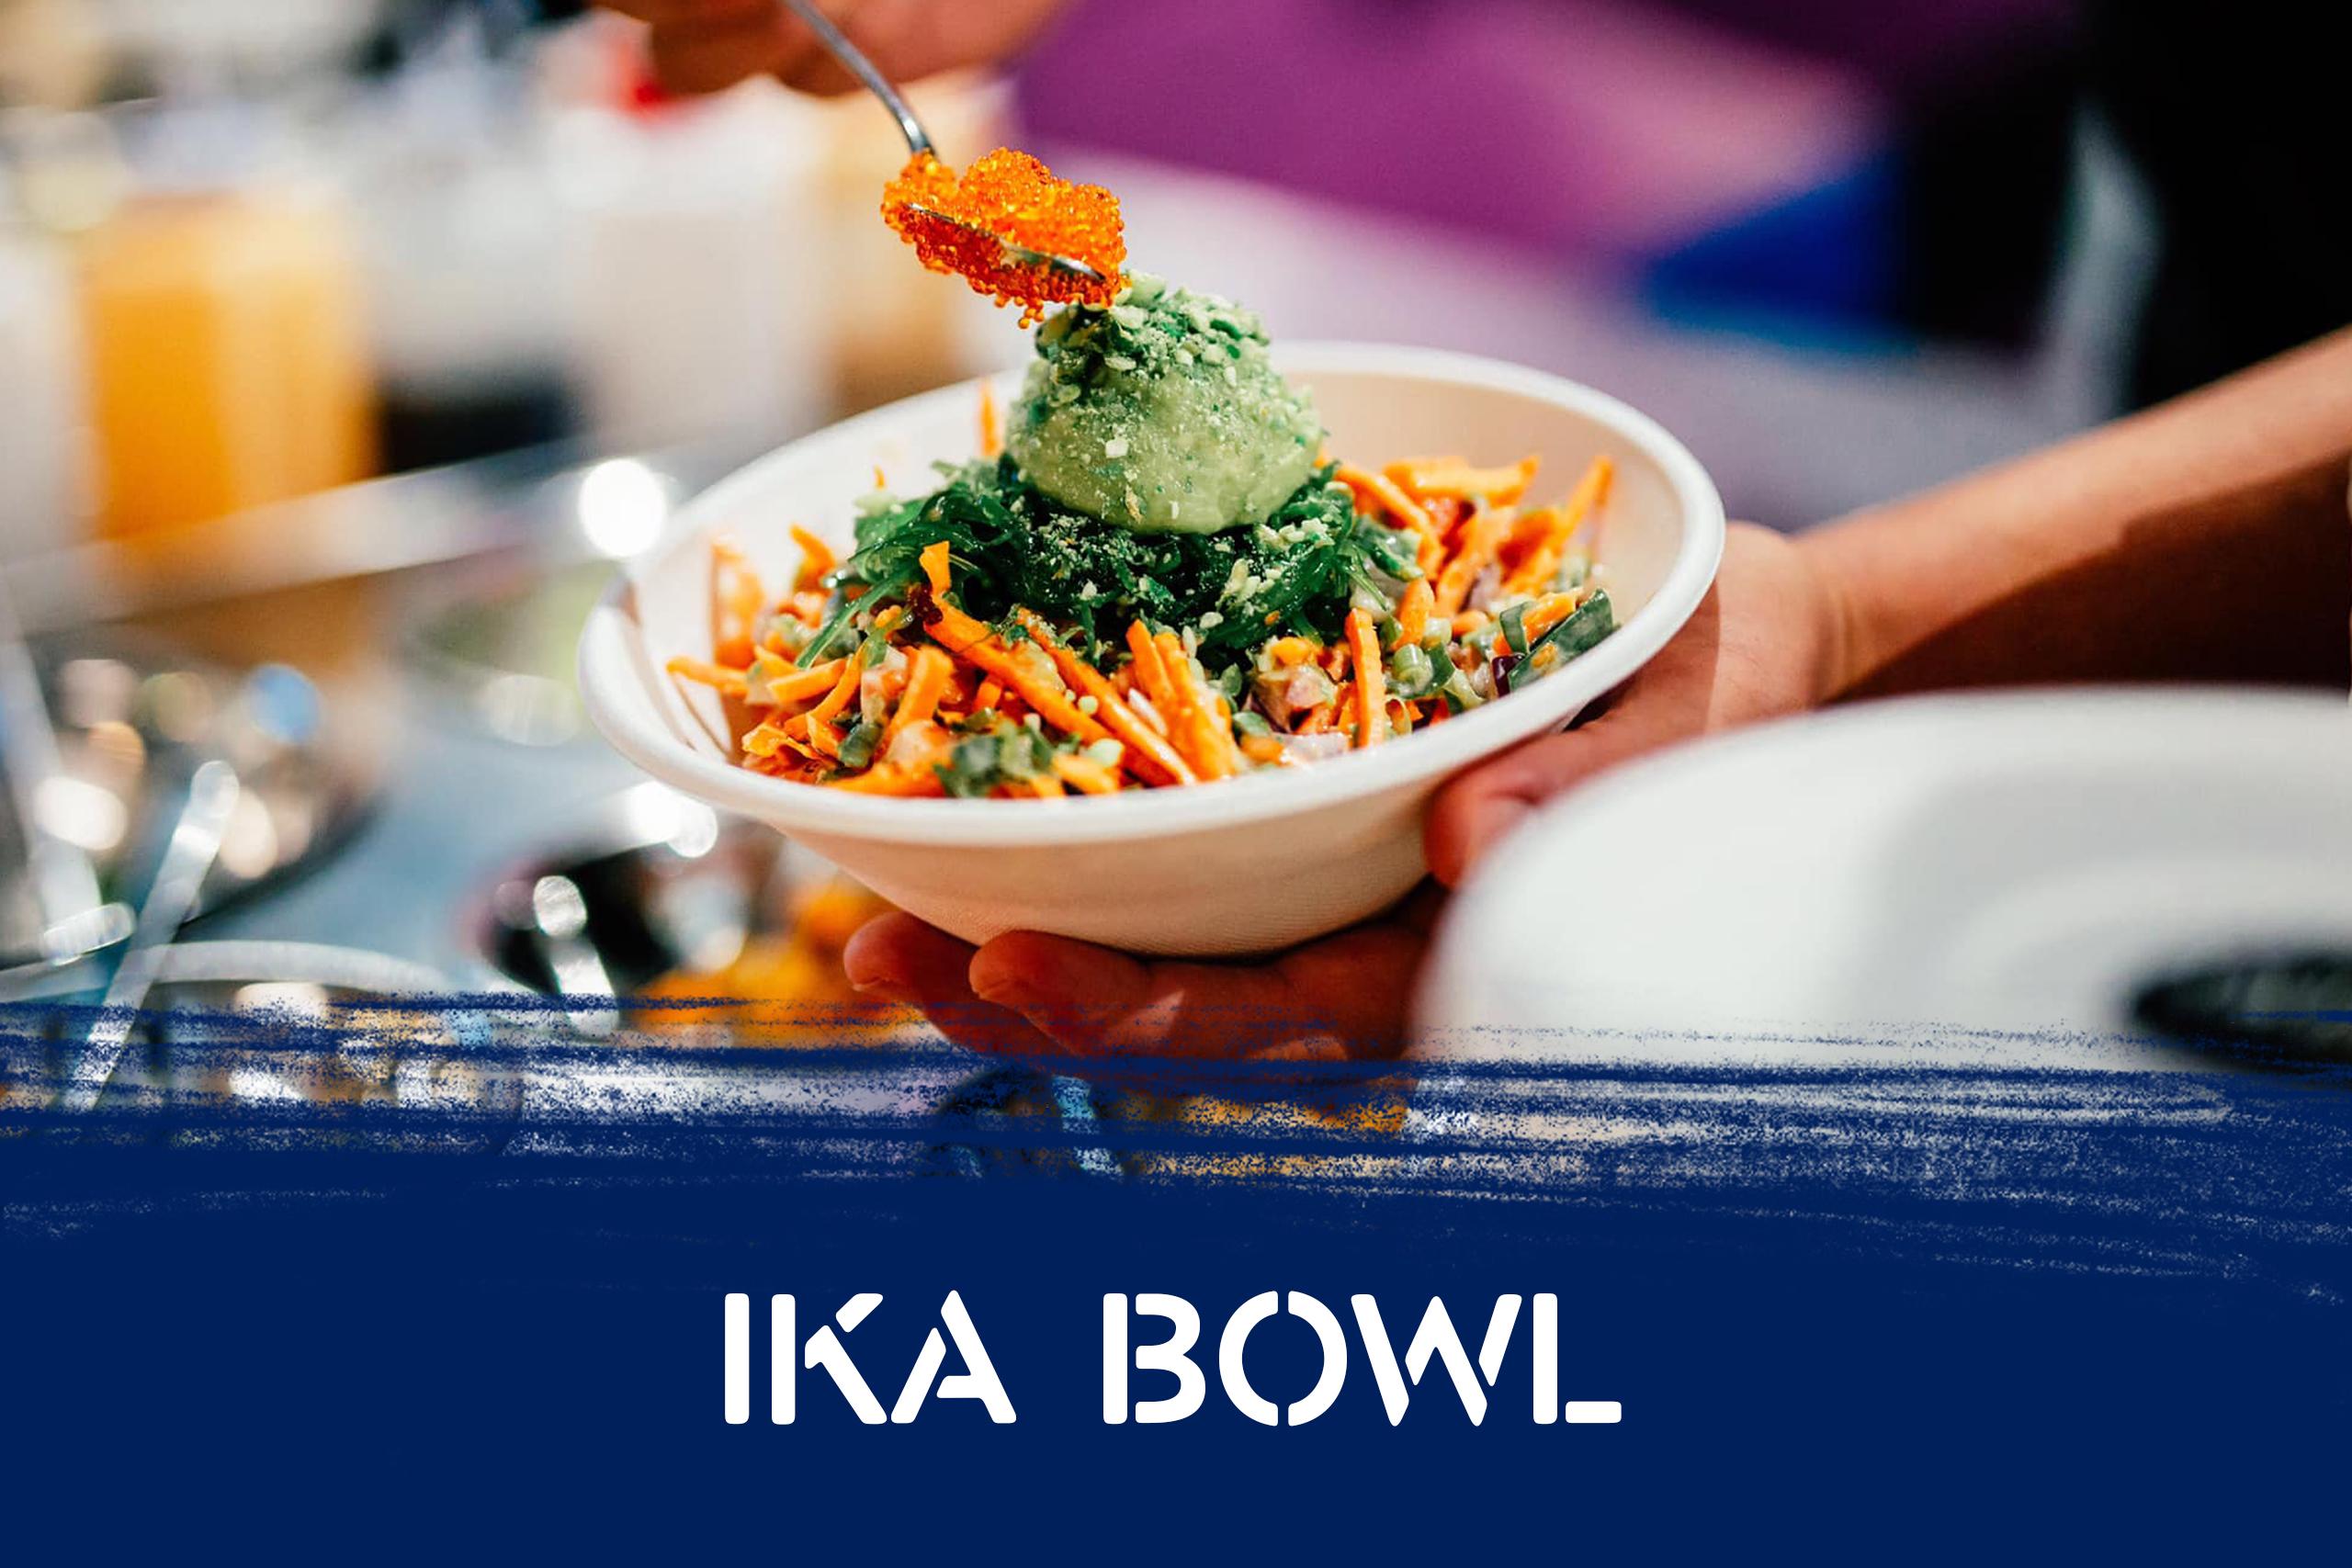 Ika Bowl at Auckland Fish MArket